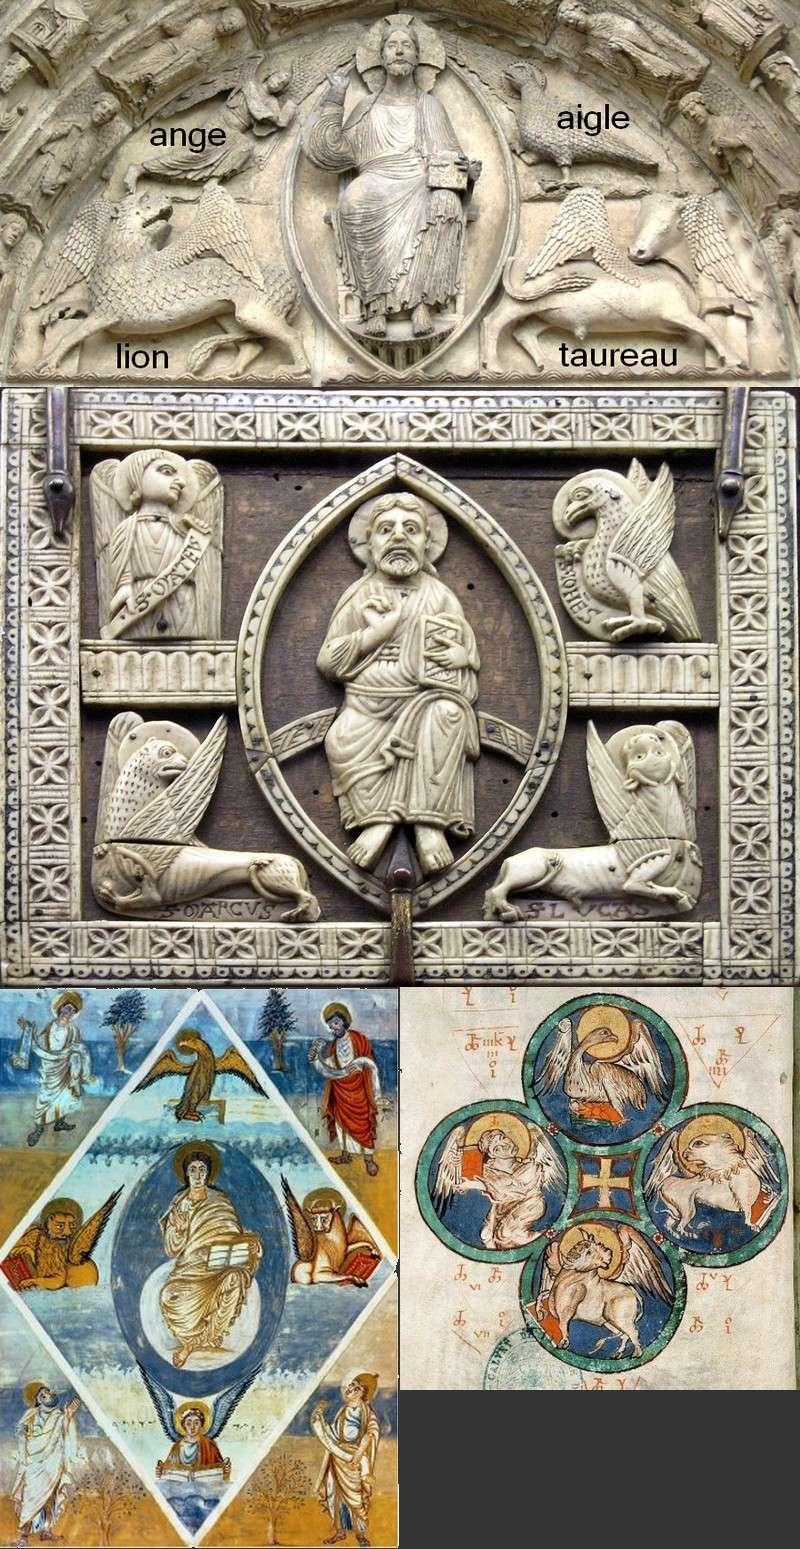 l'église catholique a toujours été new age Cluny-10